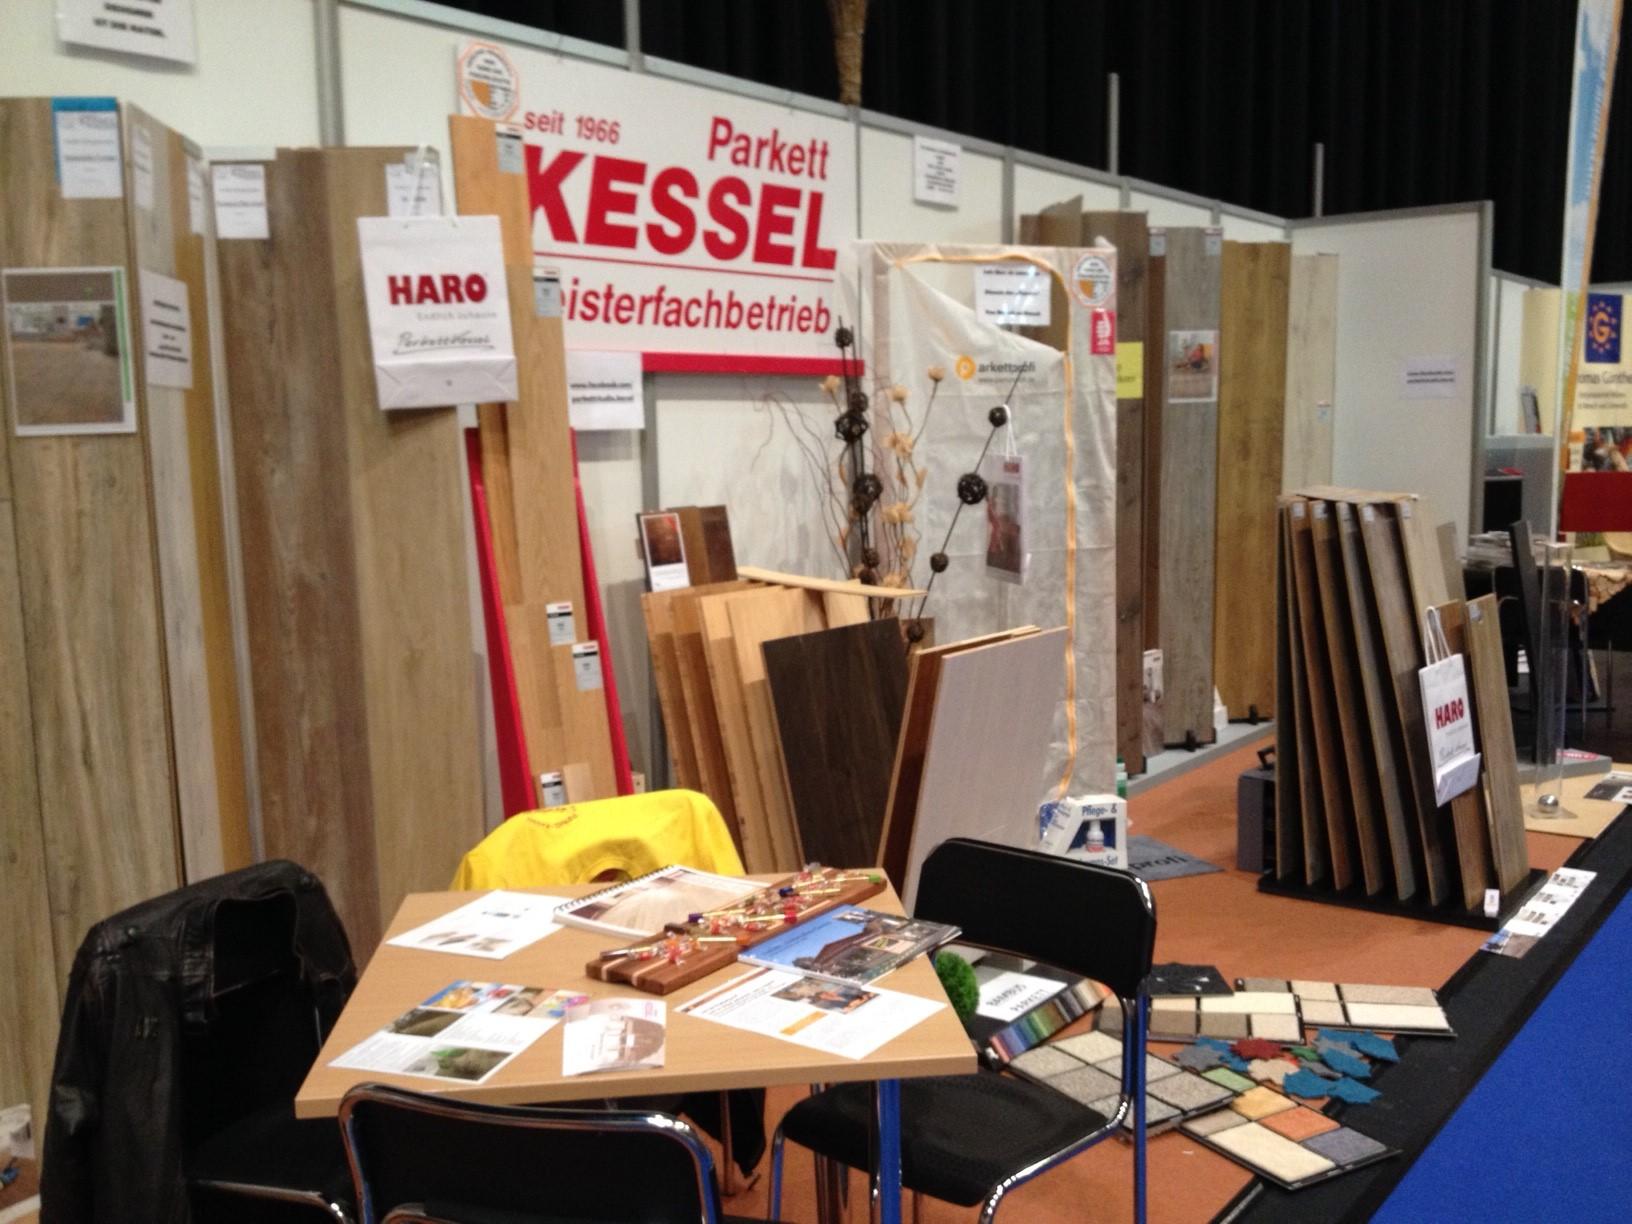 Messetage: Bauen, Wohnen, Energie Oktober 2014